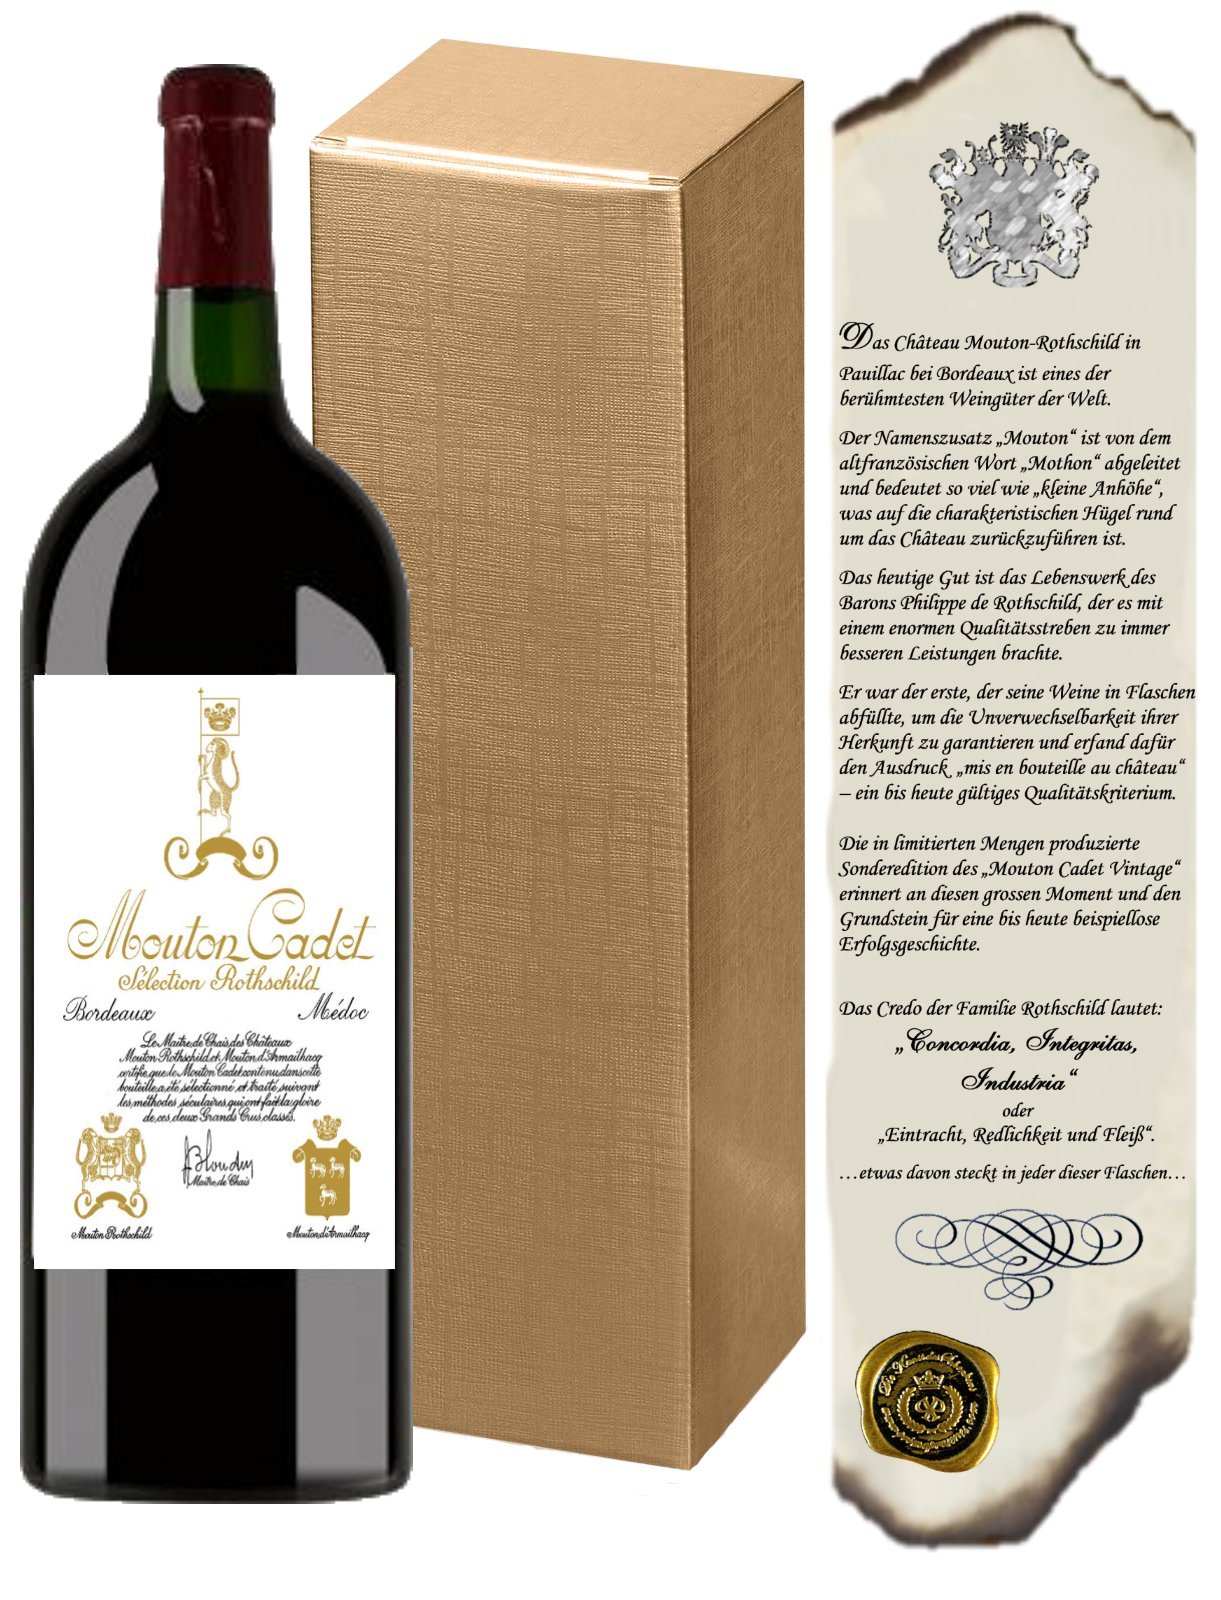 Magnum-Weingeschenkset-Baron-Philippe-de-RotschildEdition-Vintage-Mouton-Bordeaux-Retro-inkl-Urkunde-zur-Familienhistorie-Rotwein-Magnum-15L-Wein-Geschenk-Frankreich-Magnum-XL-XXL